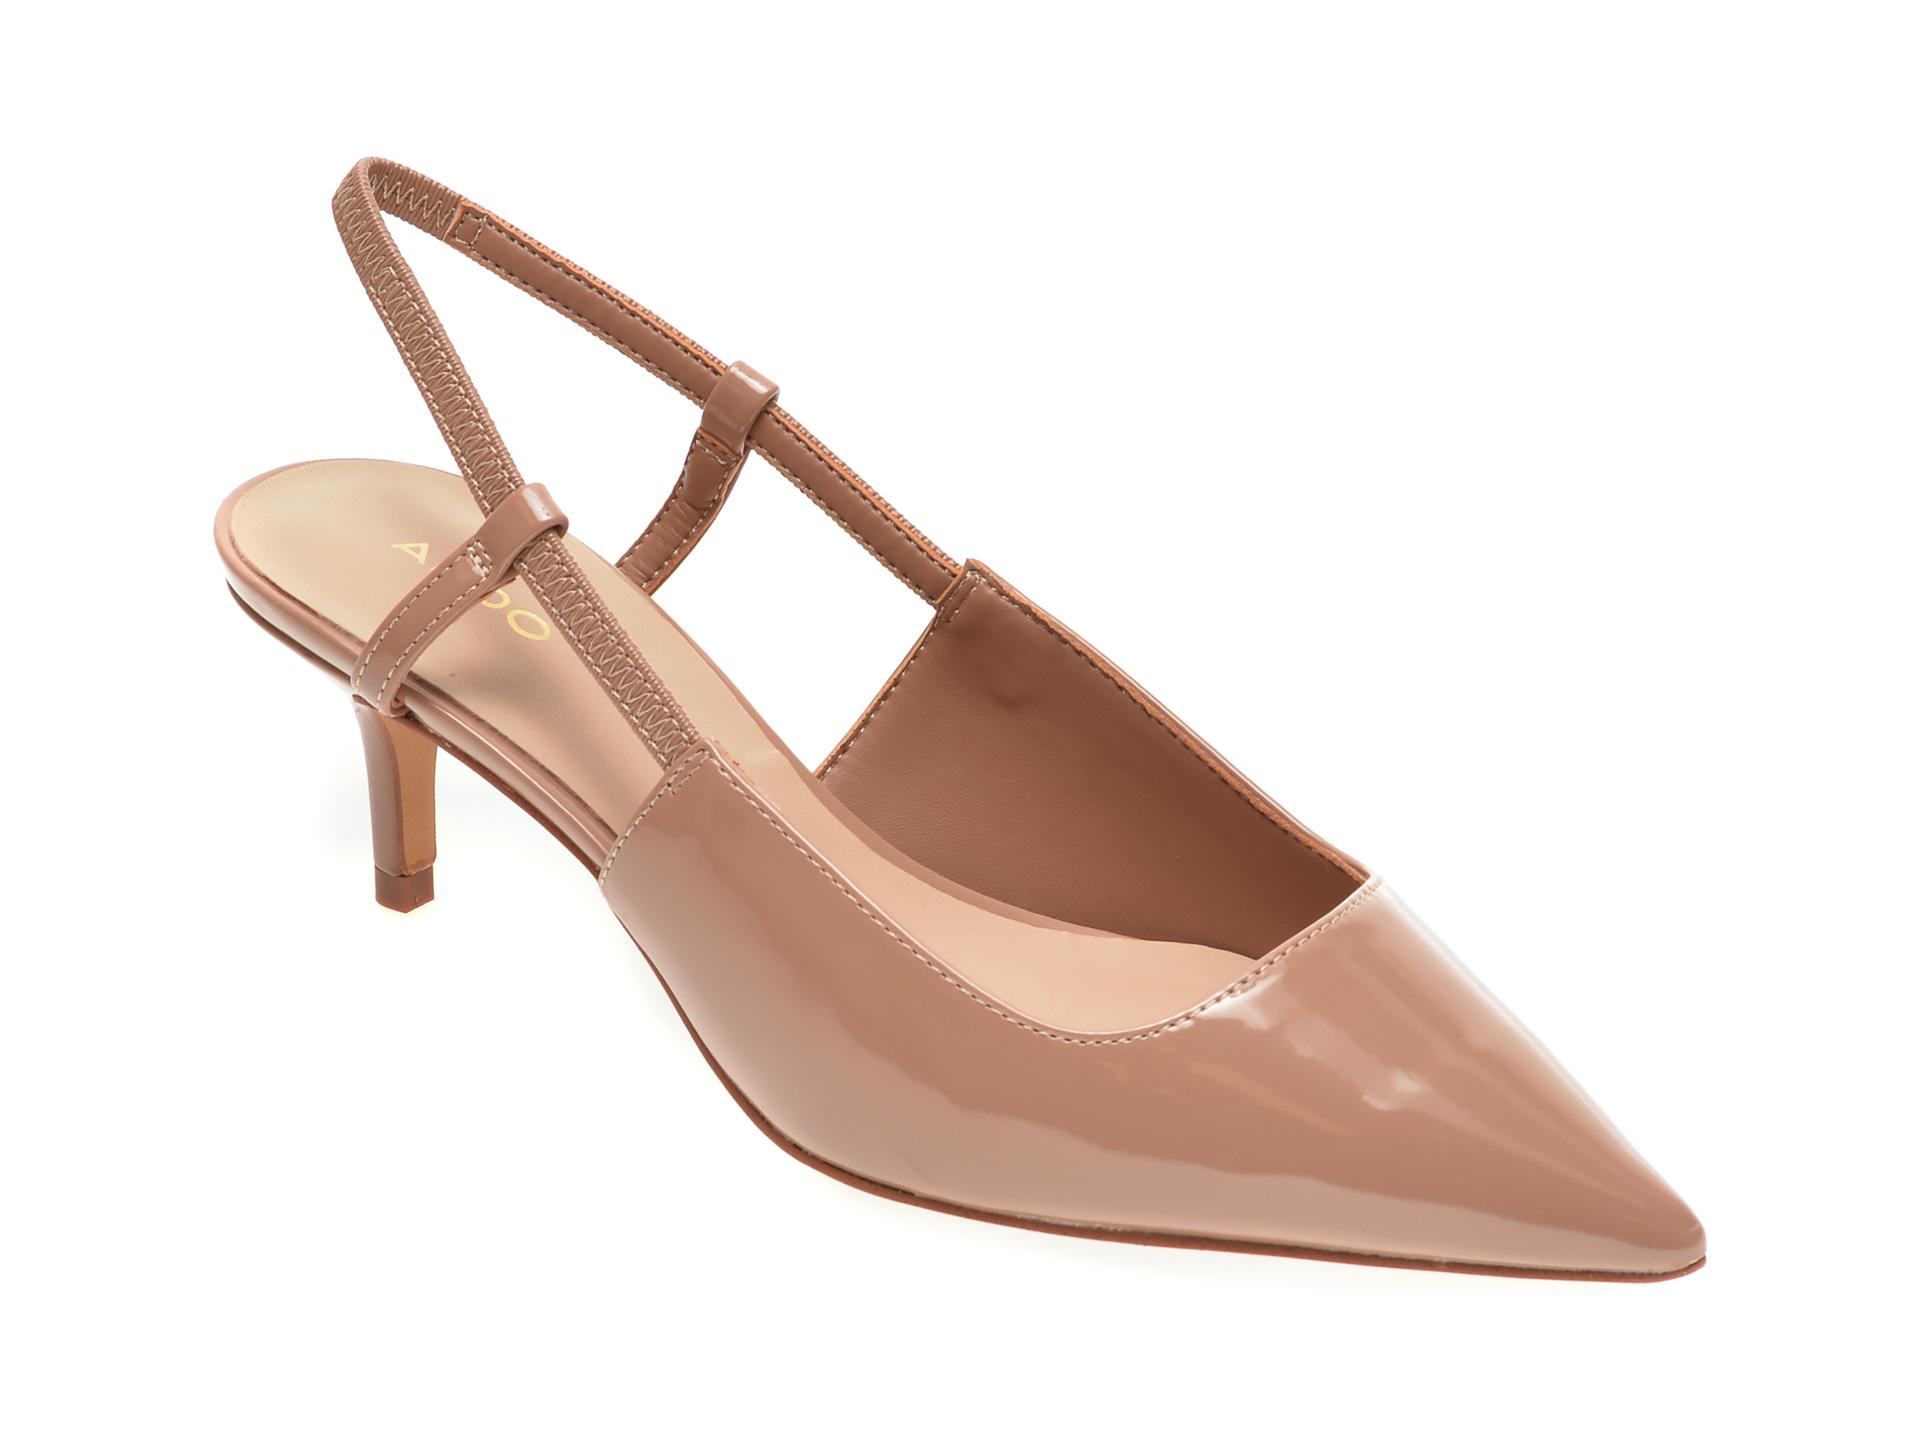 Pantofi ALDO nude, Melica270, din piele ecologica imagine otter.ro